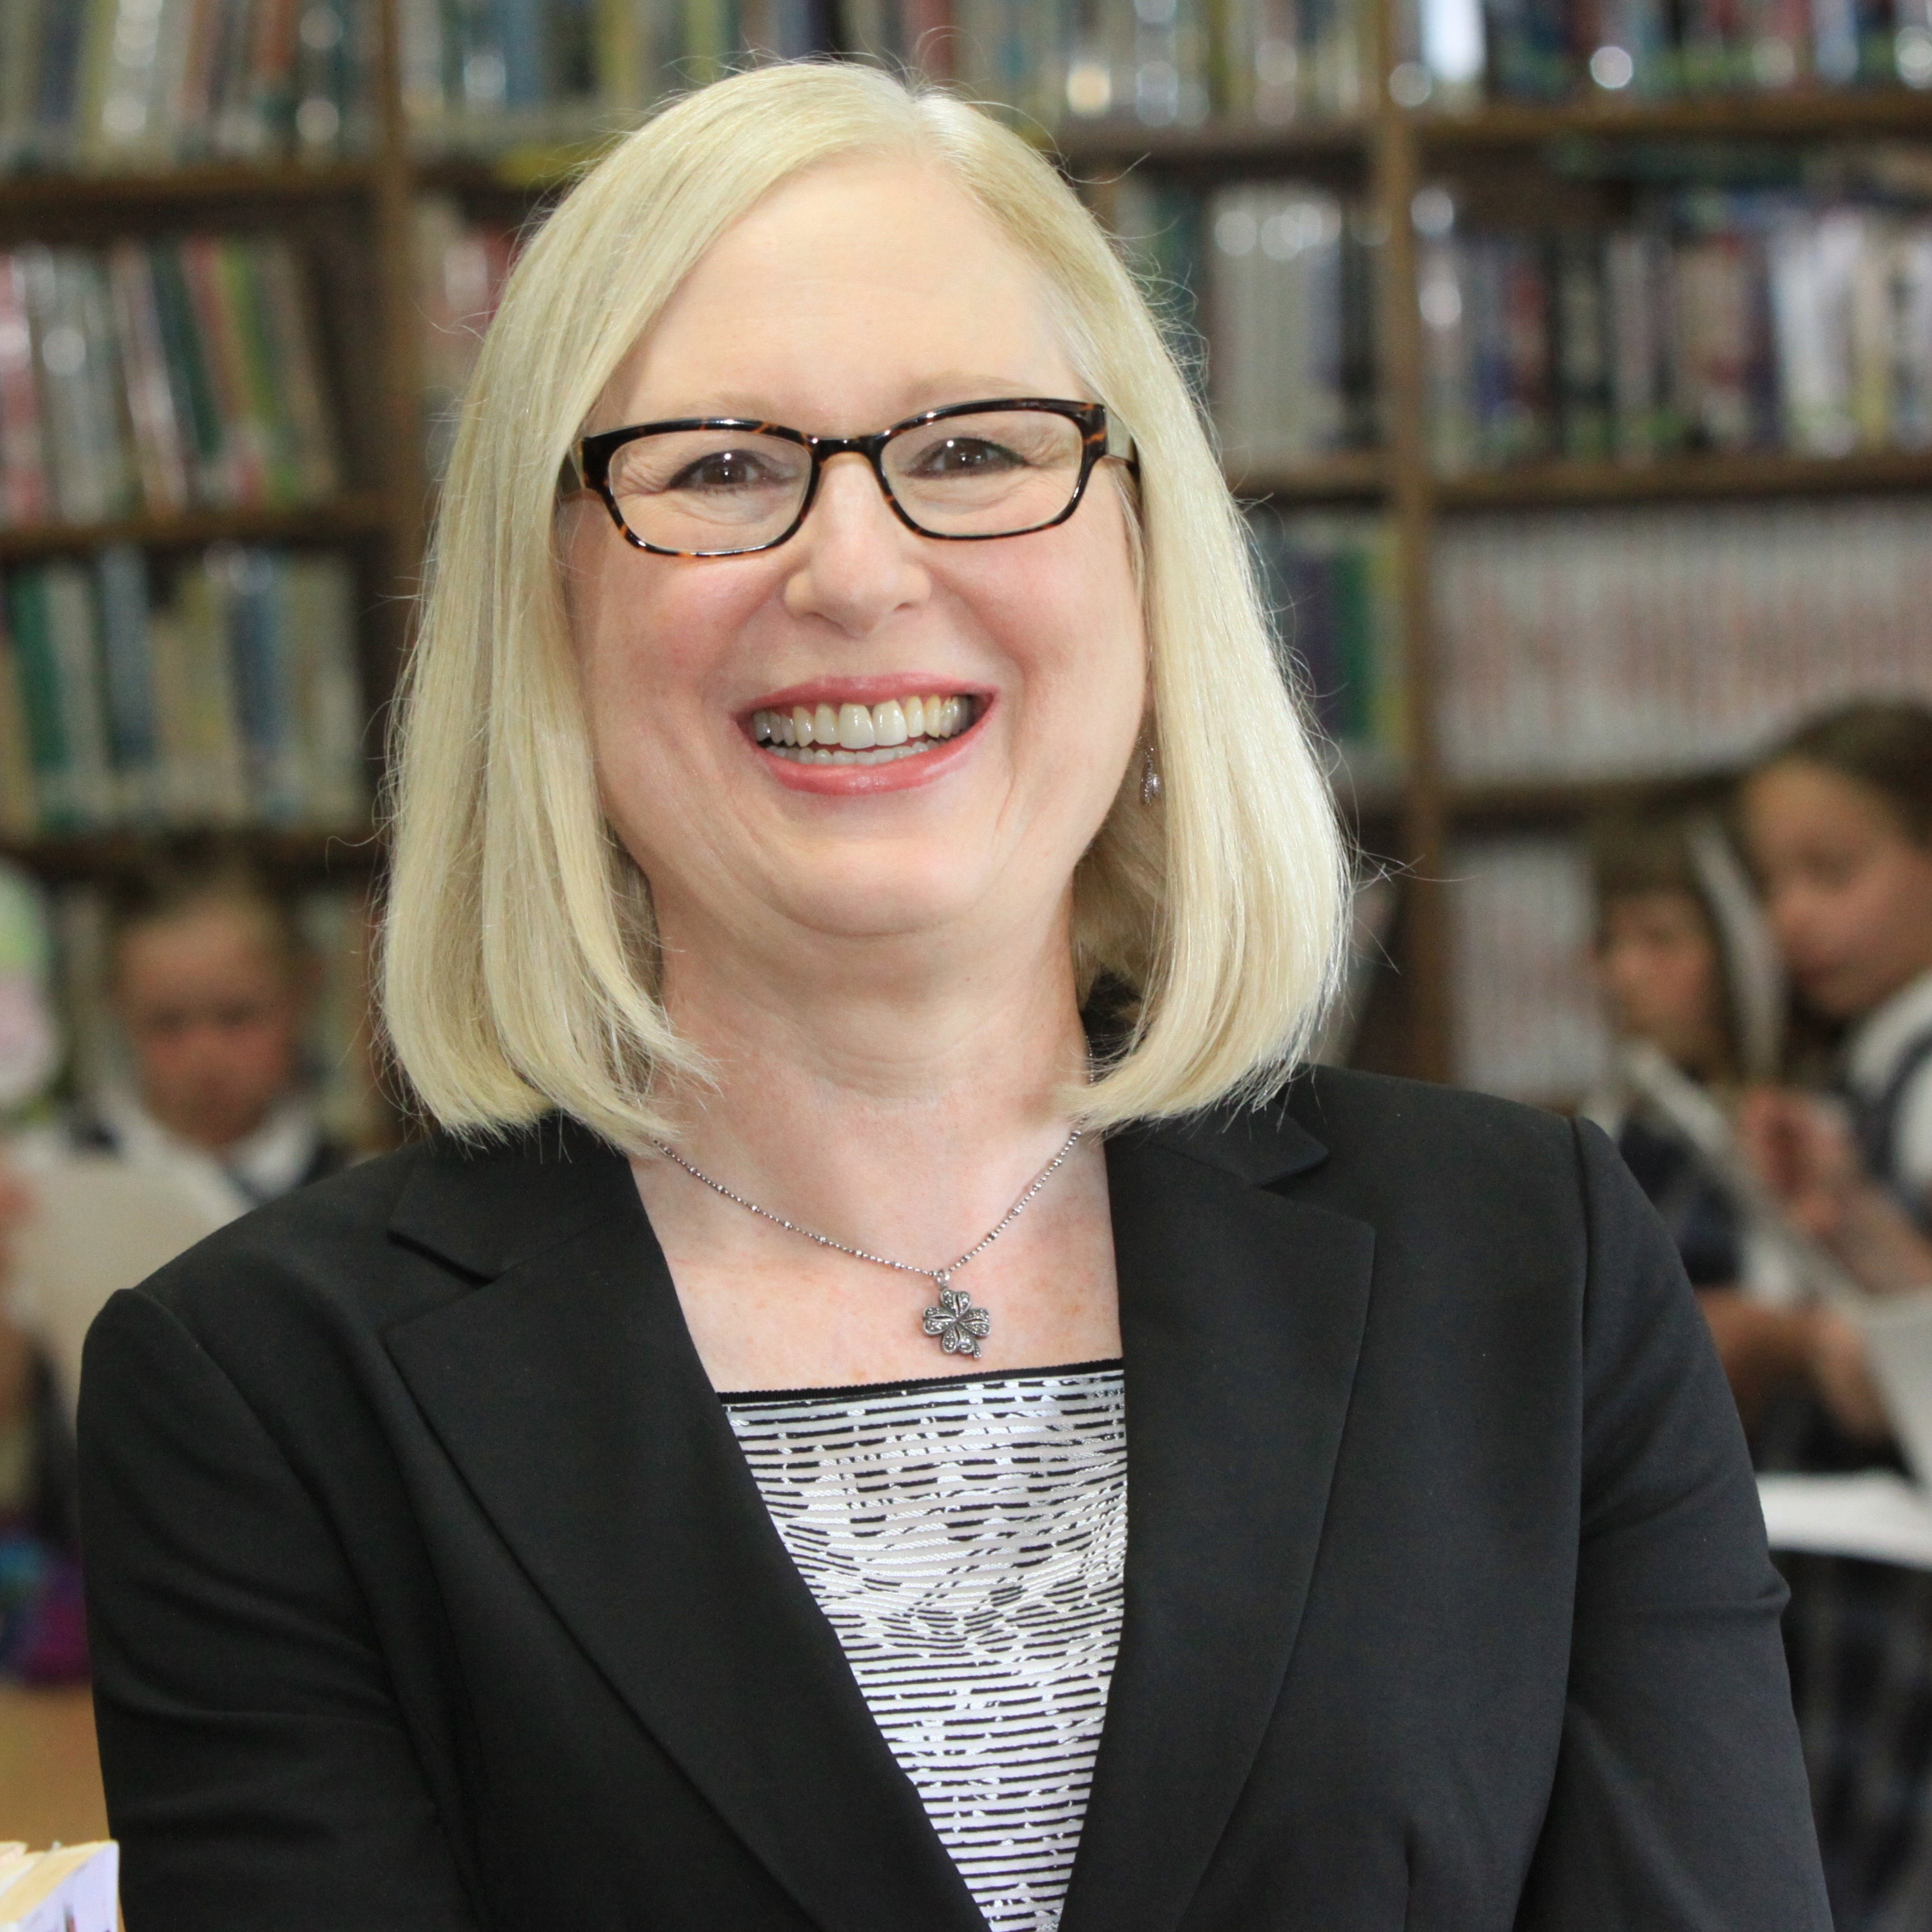 Jill Reilly